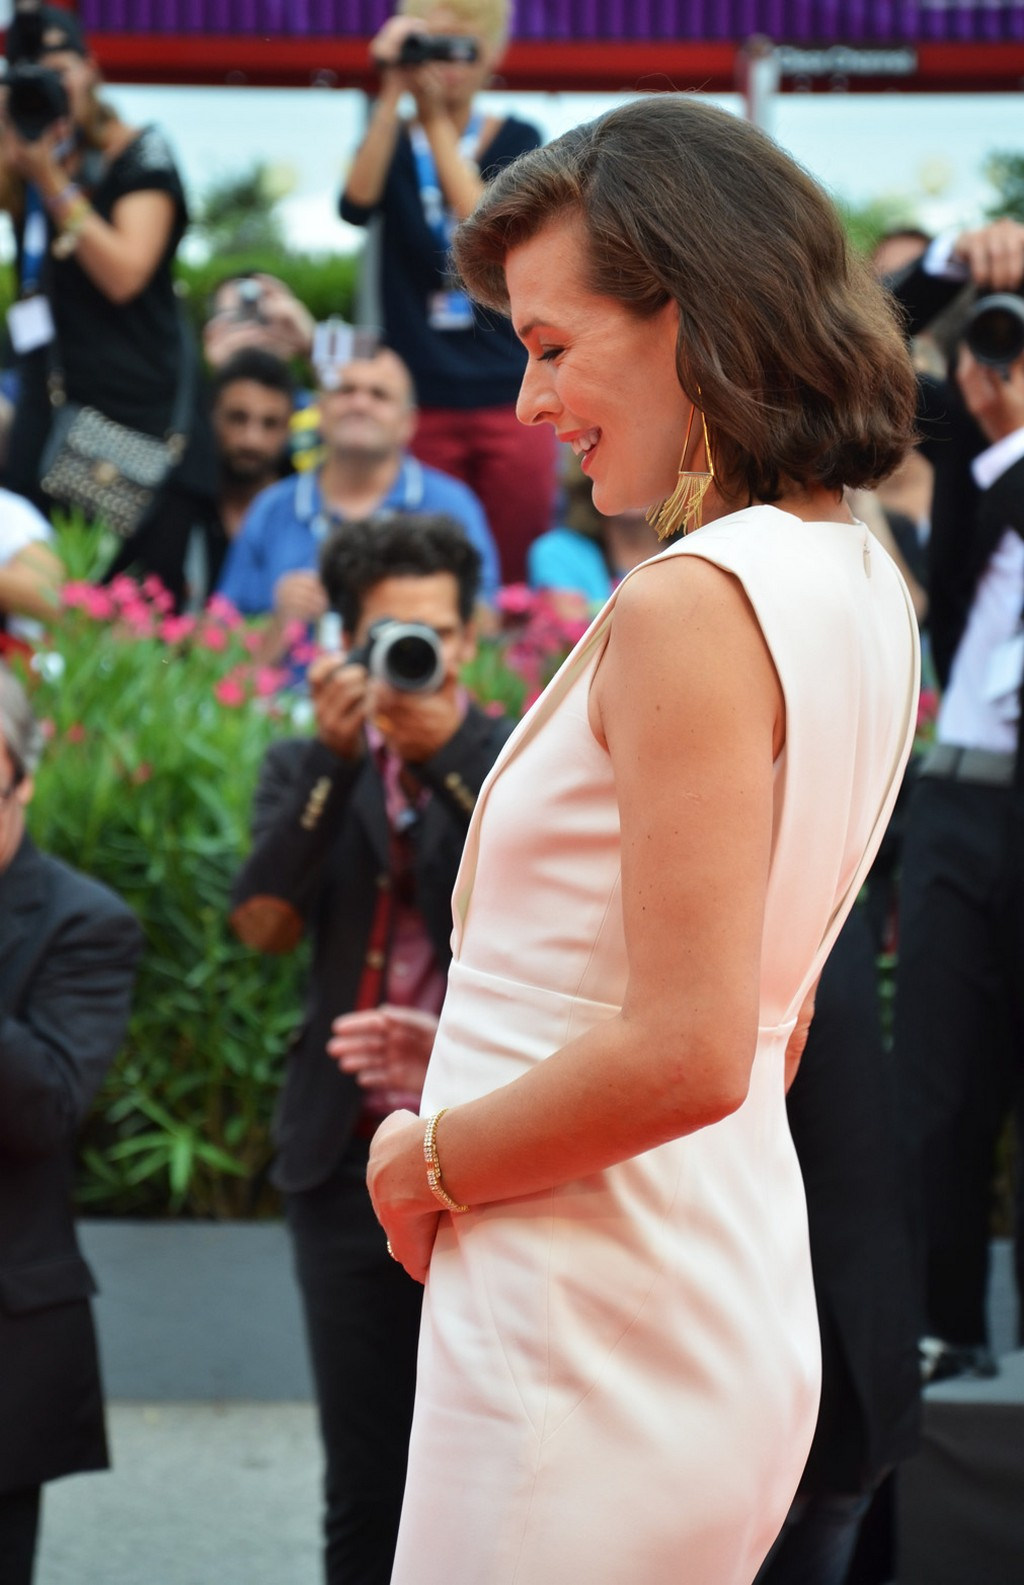 Mila Jovovich sul red carpet si pone una mano sul grembo a indicare la gravidanza, 71. Mostra d'Arte Cinematografica, Venezia 2014. Credits Valentina Zanaga